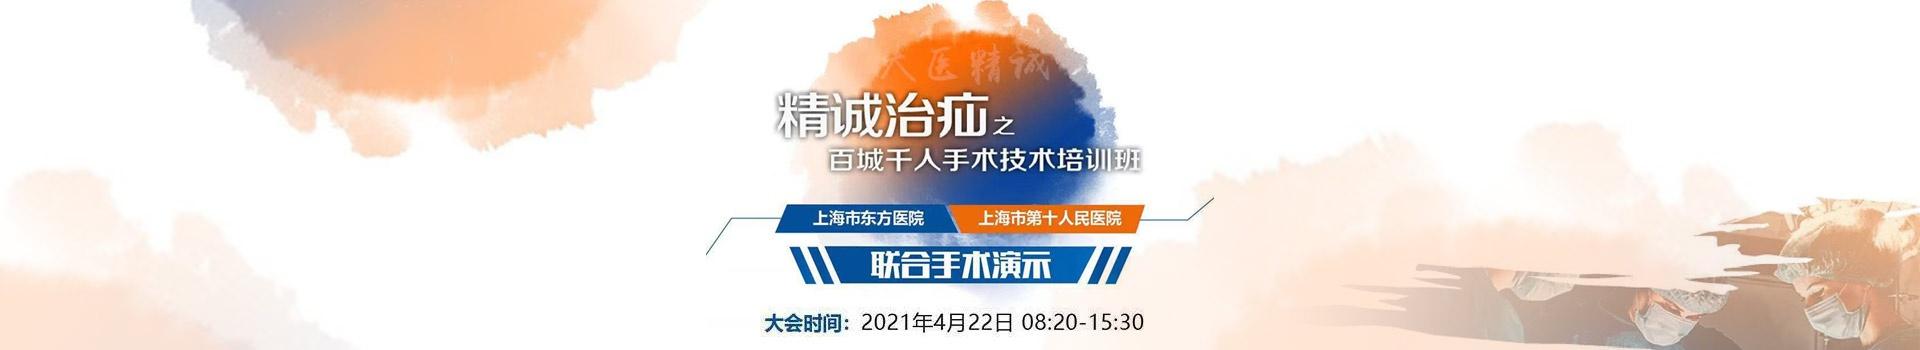 精诚治疝之百城千人手术技术培训班—上海市东方医院与上海市第十人民医院联合手术演示